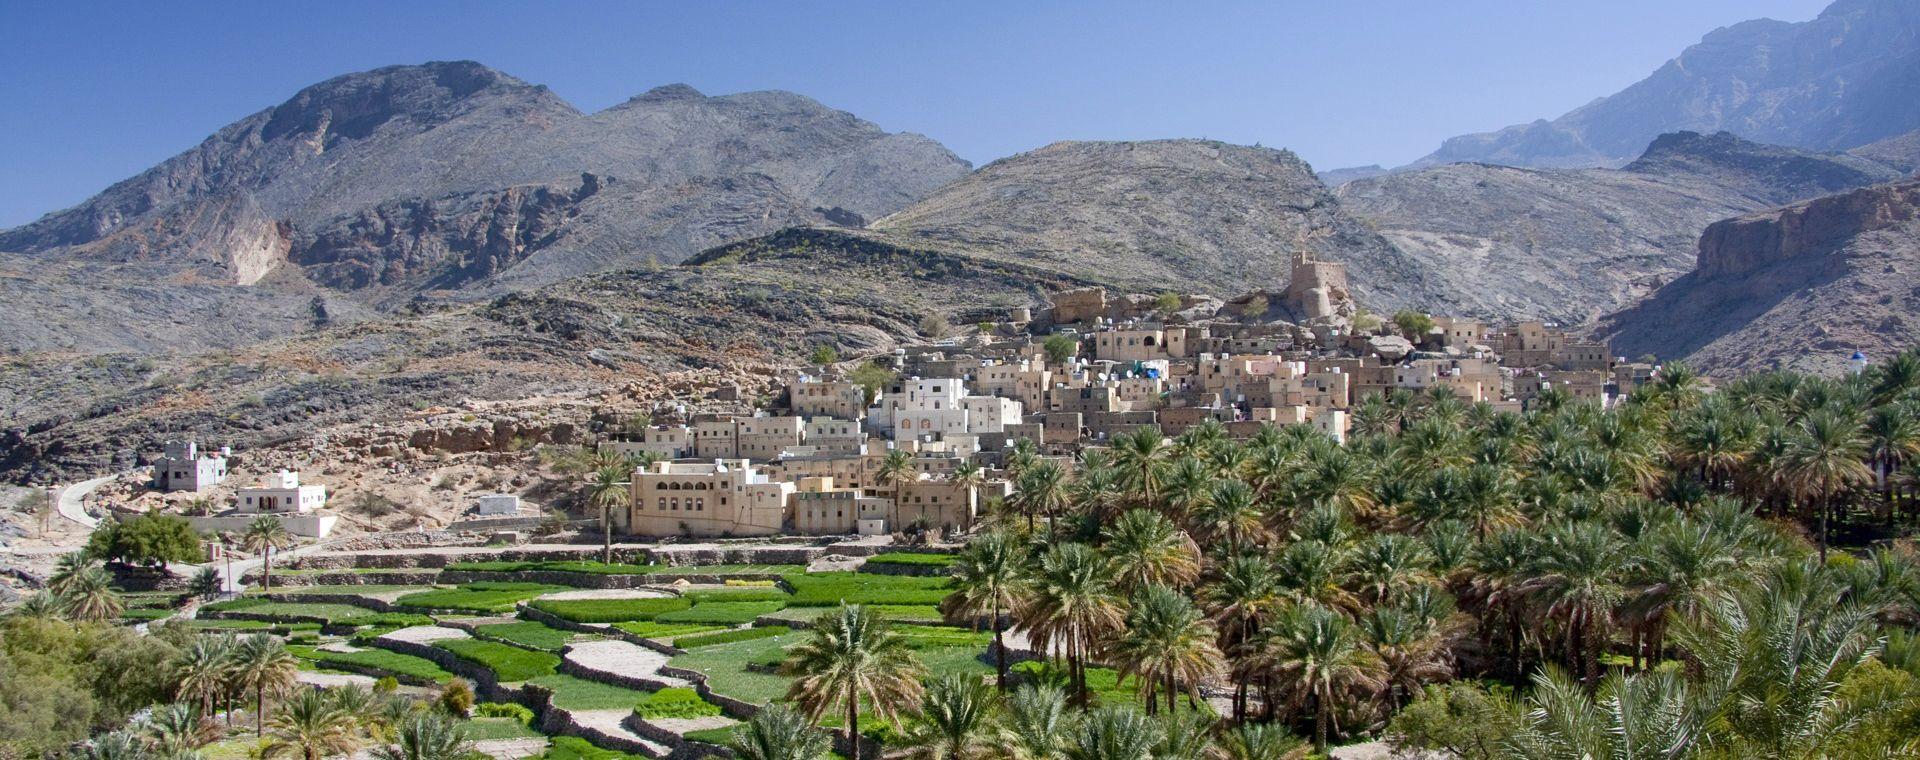 Image Sentiers d'Oman : montagnes, dunes et canyon